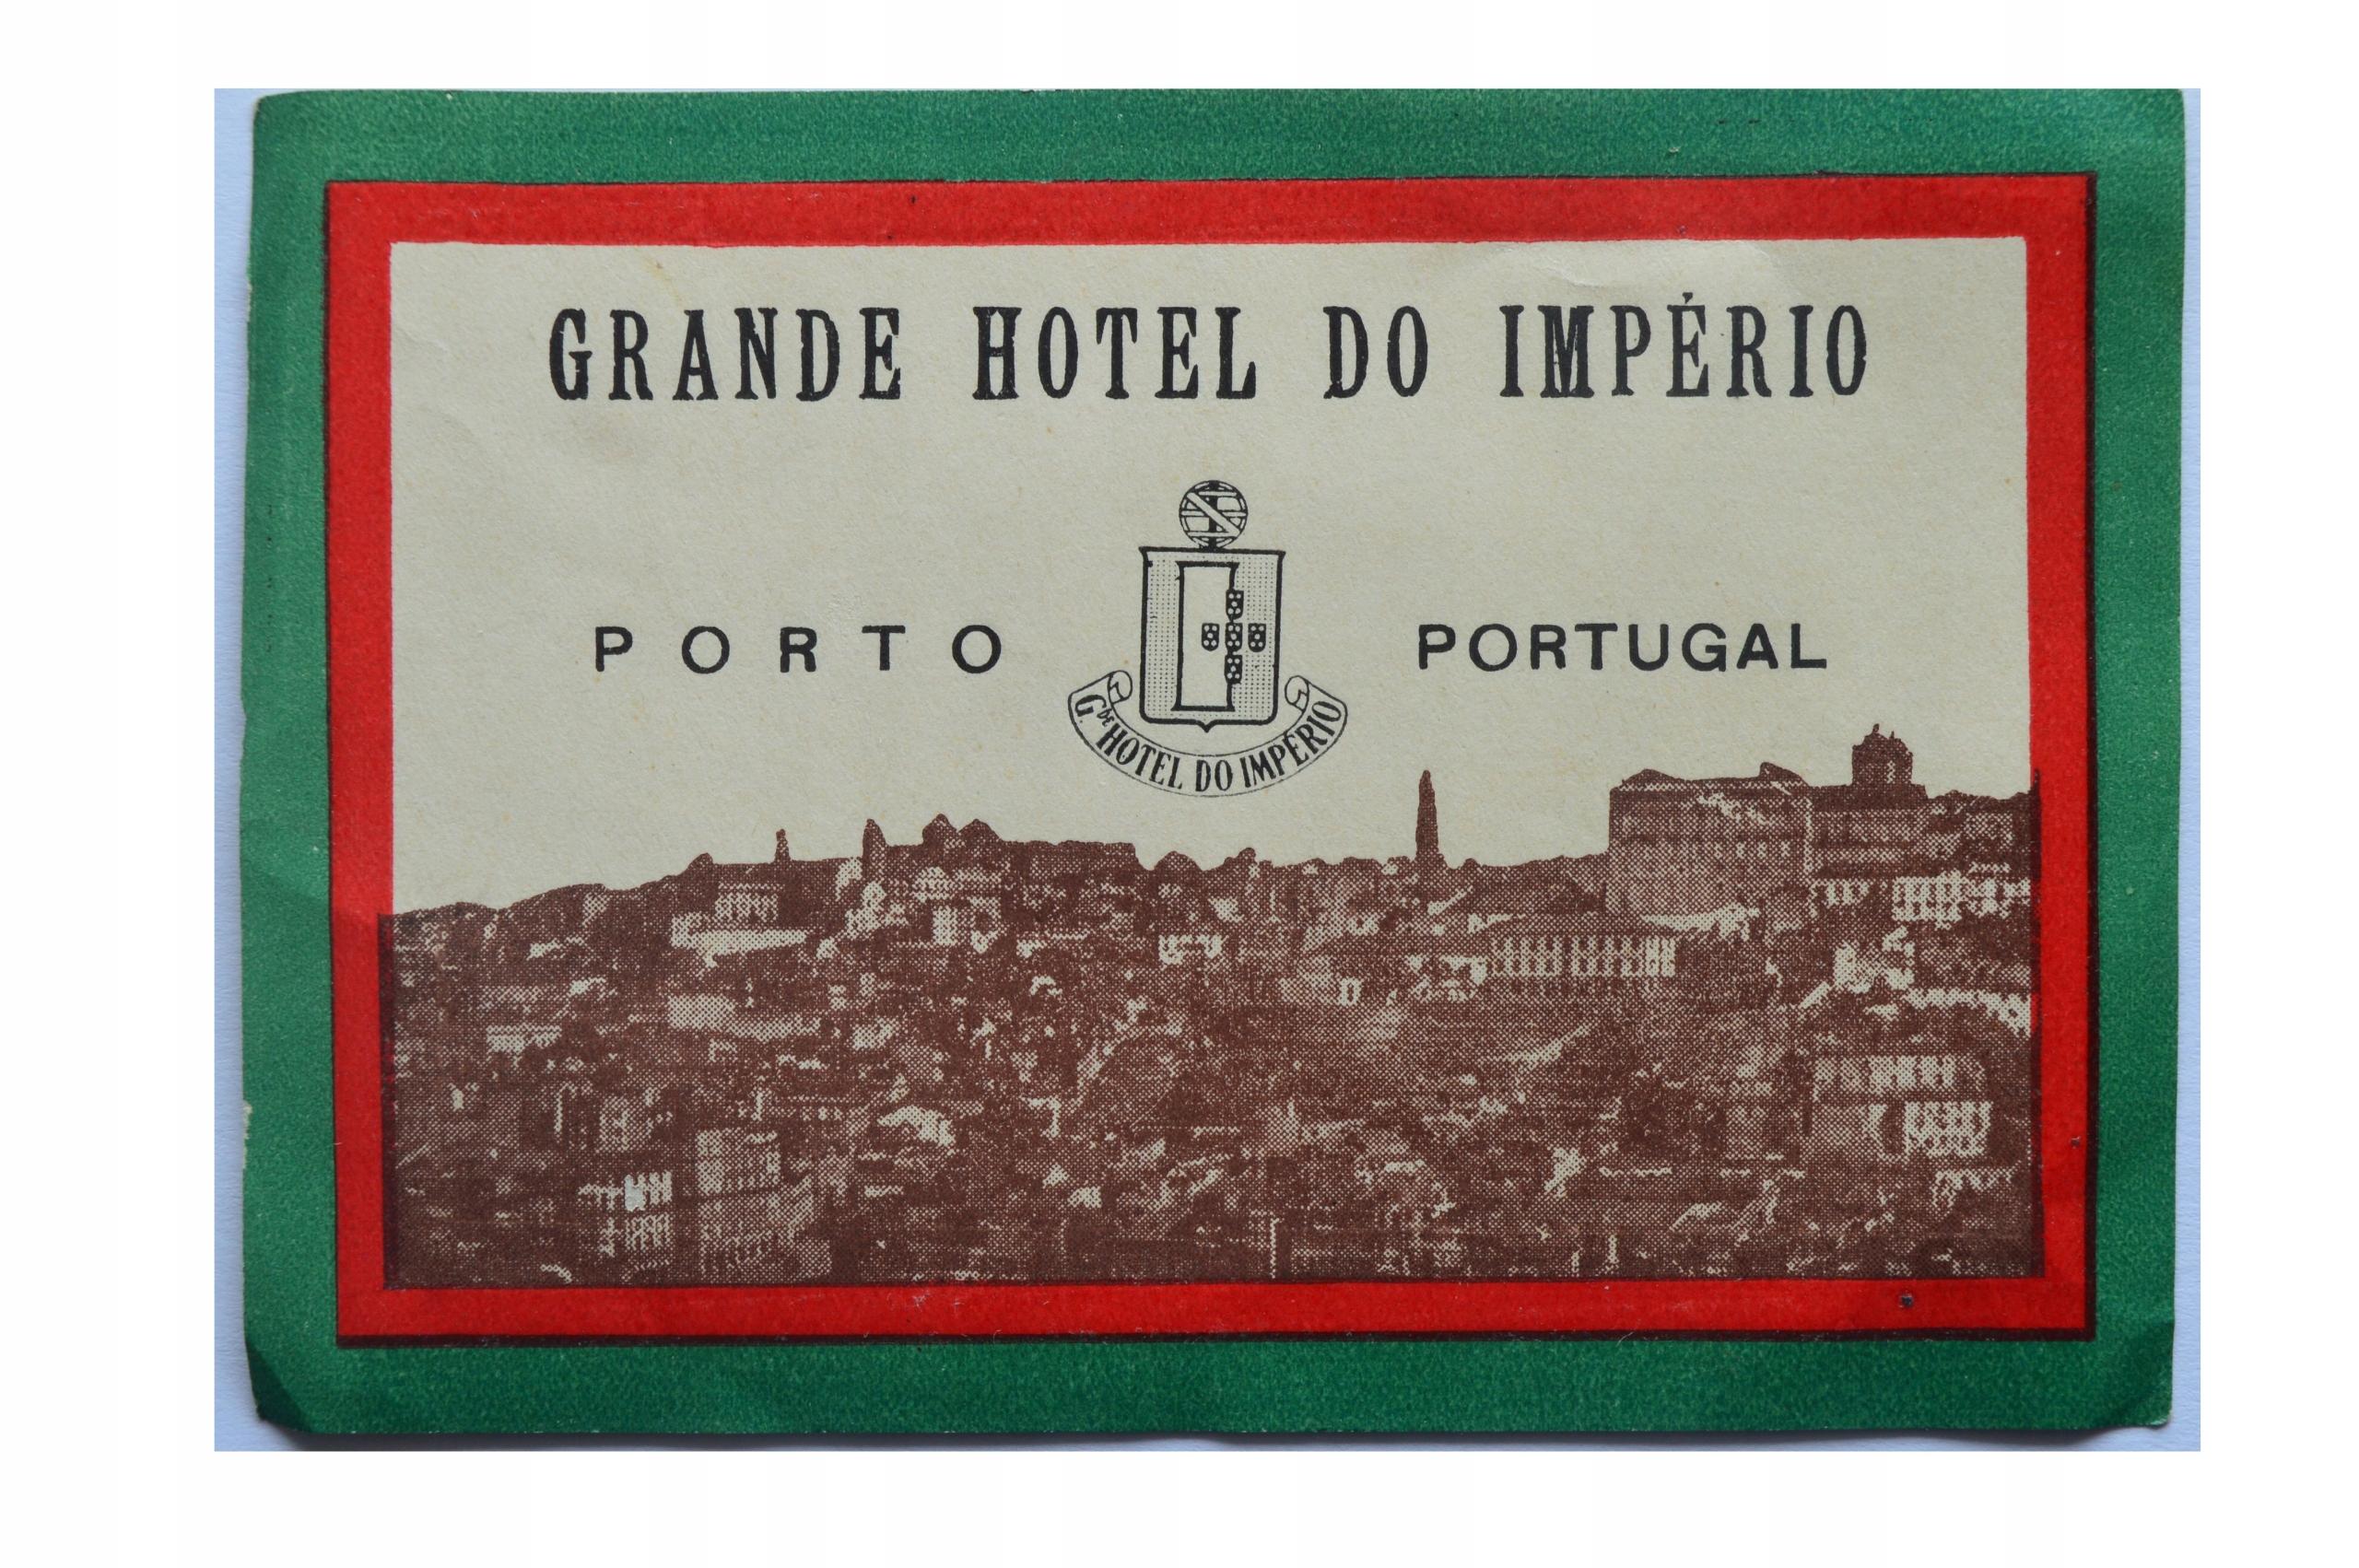 GRANDE HOTEL DO IMPERIO-PORTO-ULOTKA